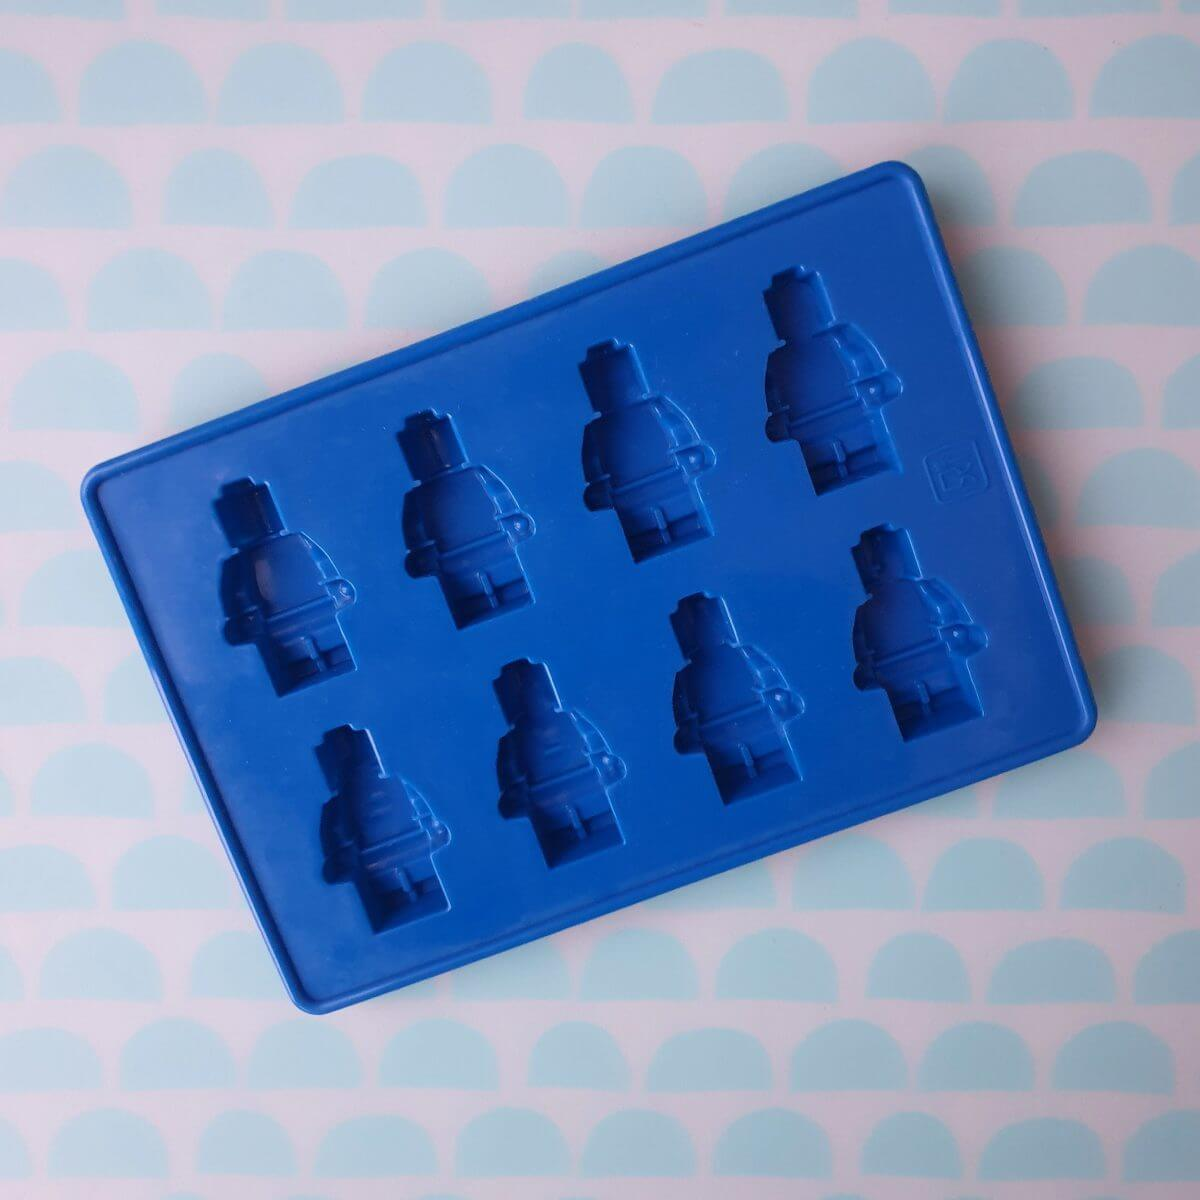 LEGO mal om poppetjes van chocolade of marsepein te maken